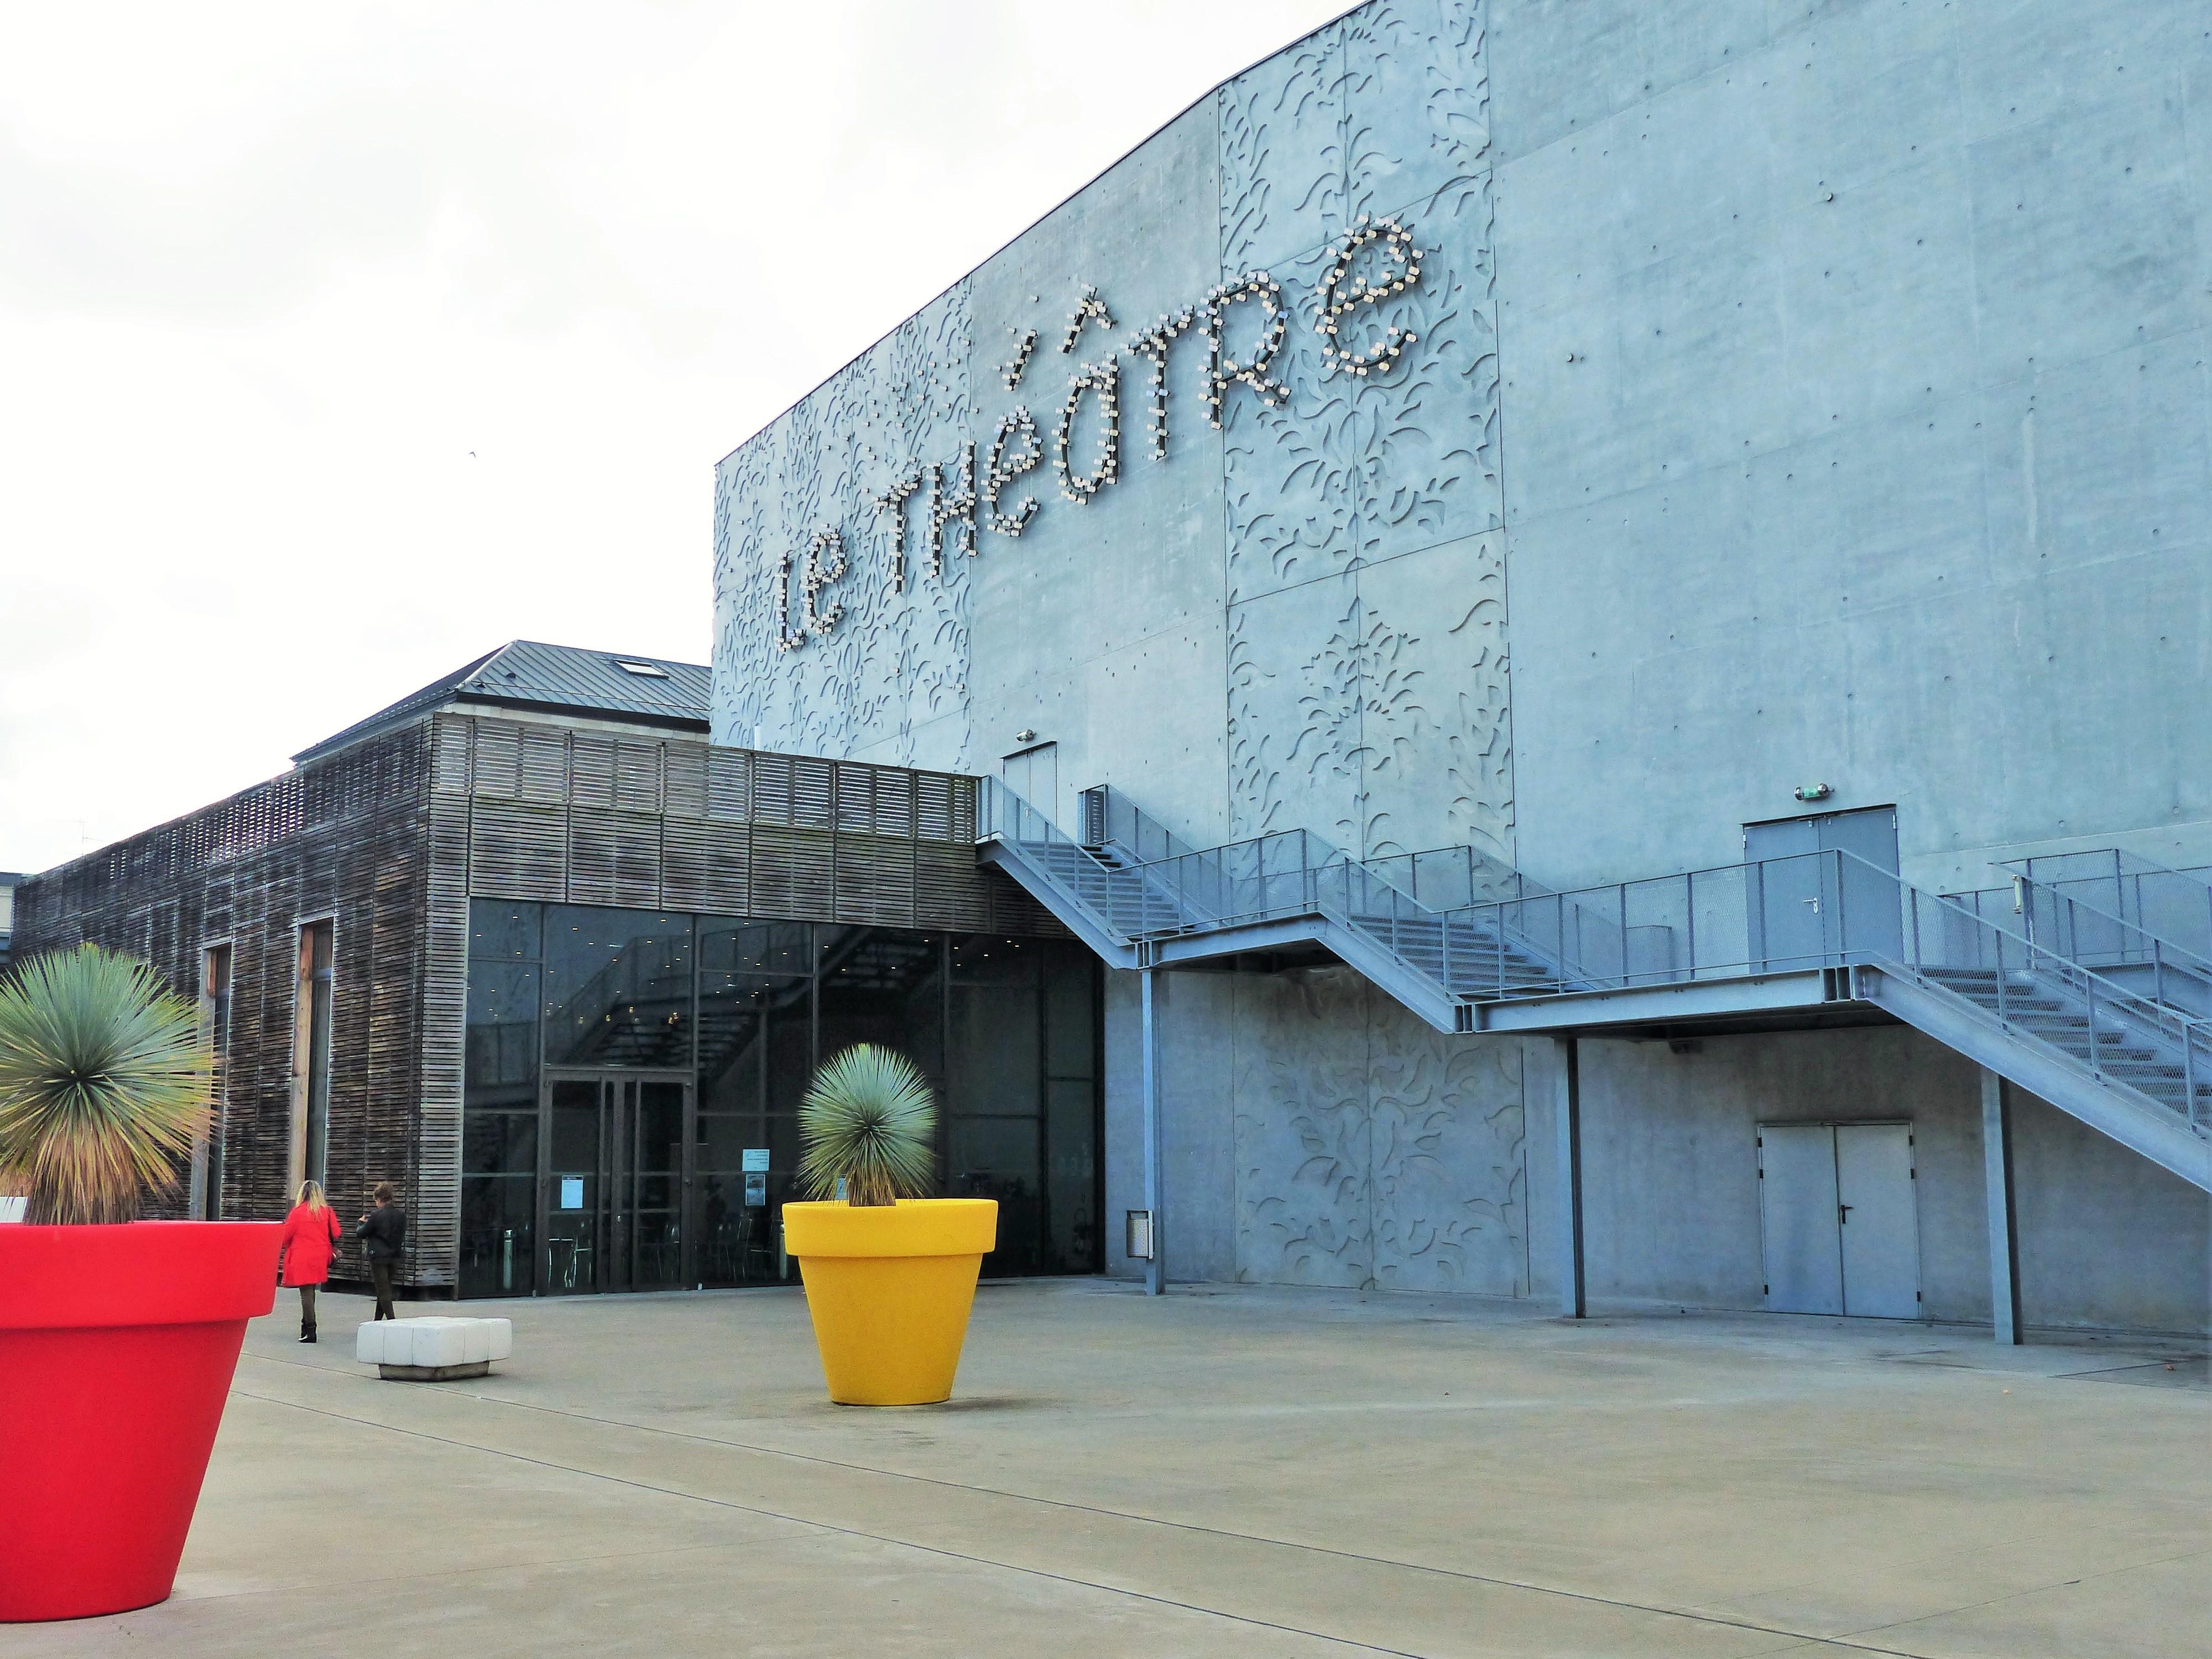 Theatre saint-nazaire